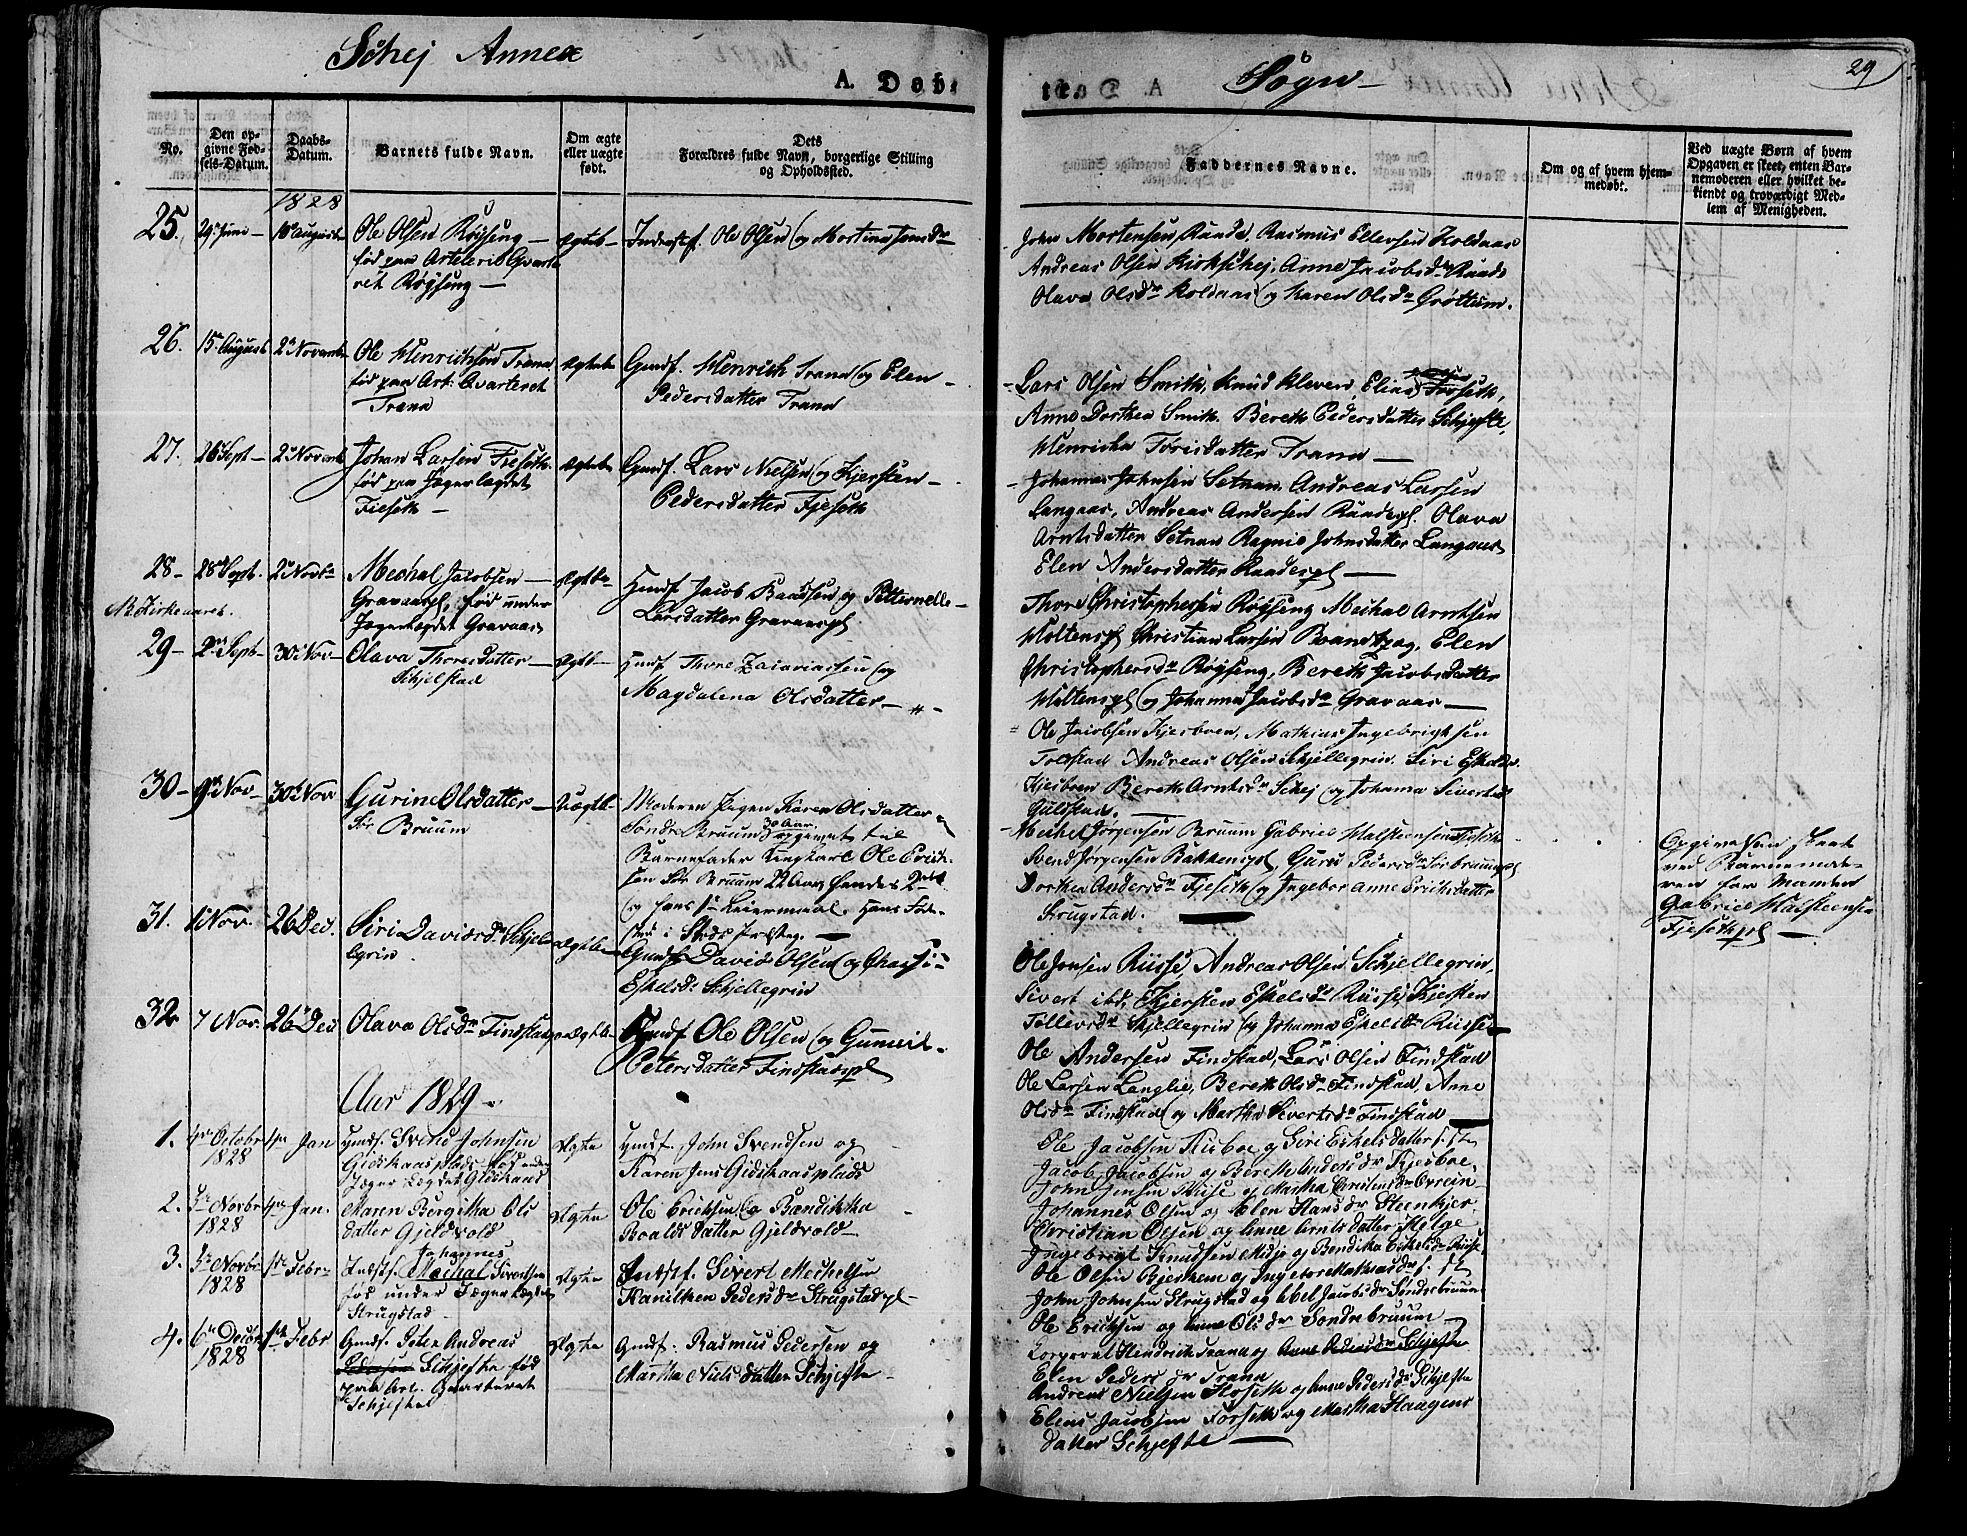 SAT, Ministerialprotokoller, klokkerbøker og fødselsregistre - Nord-Trøndelag, 735/L0336: Ministerialbok nr. 735A05 /2, 1825-1835, s. 59